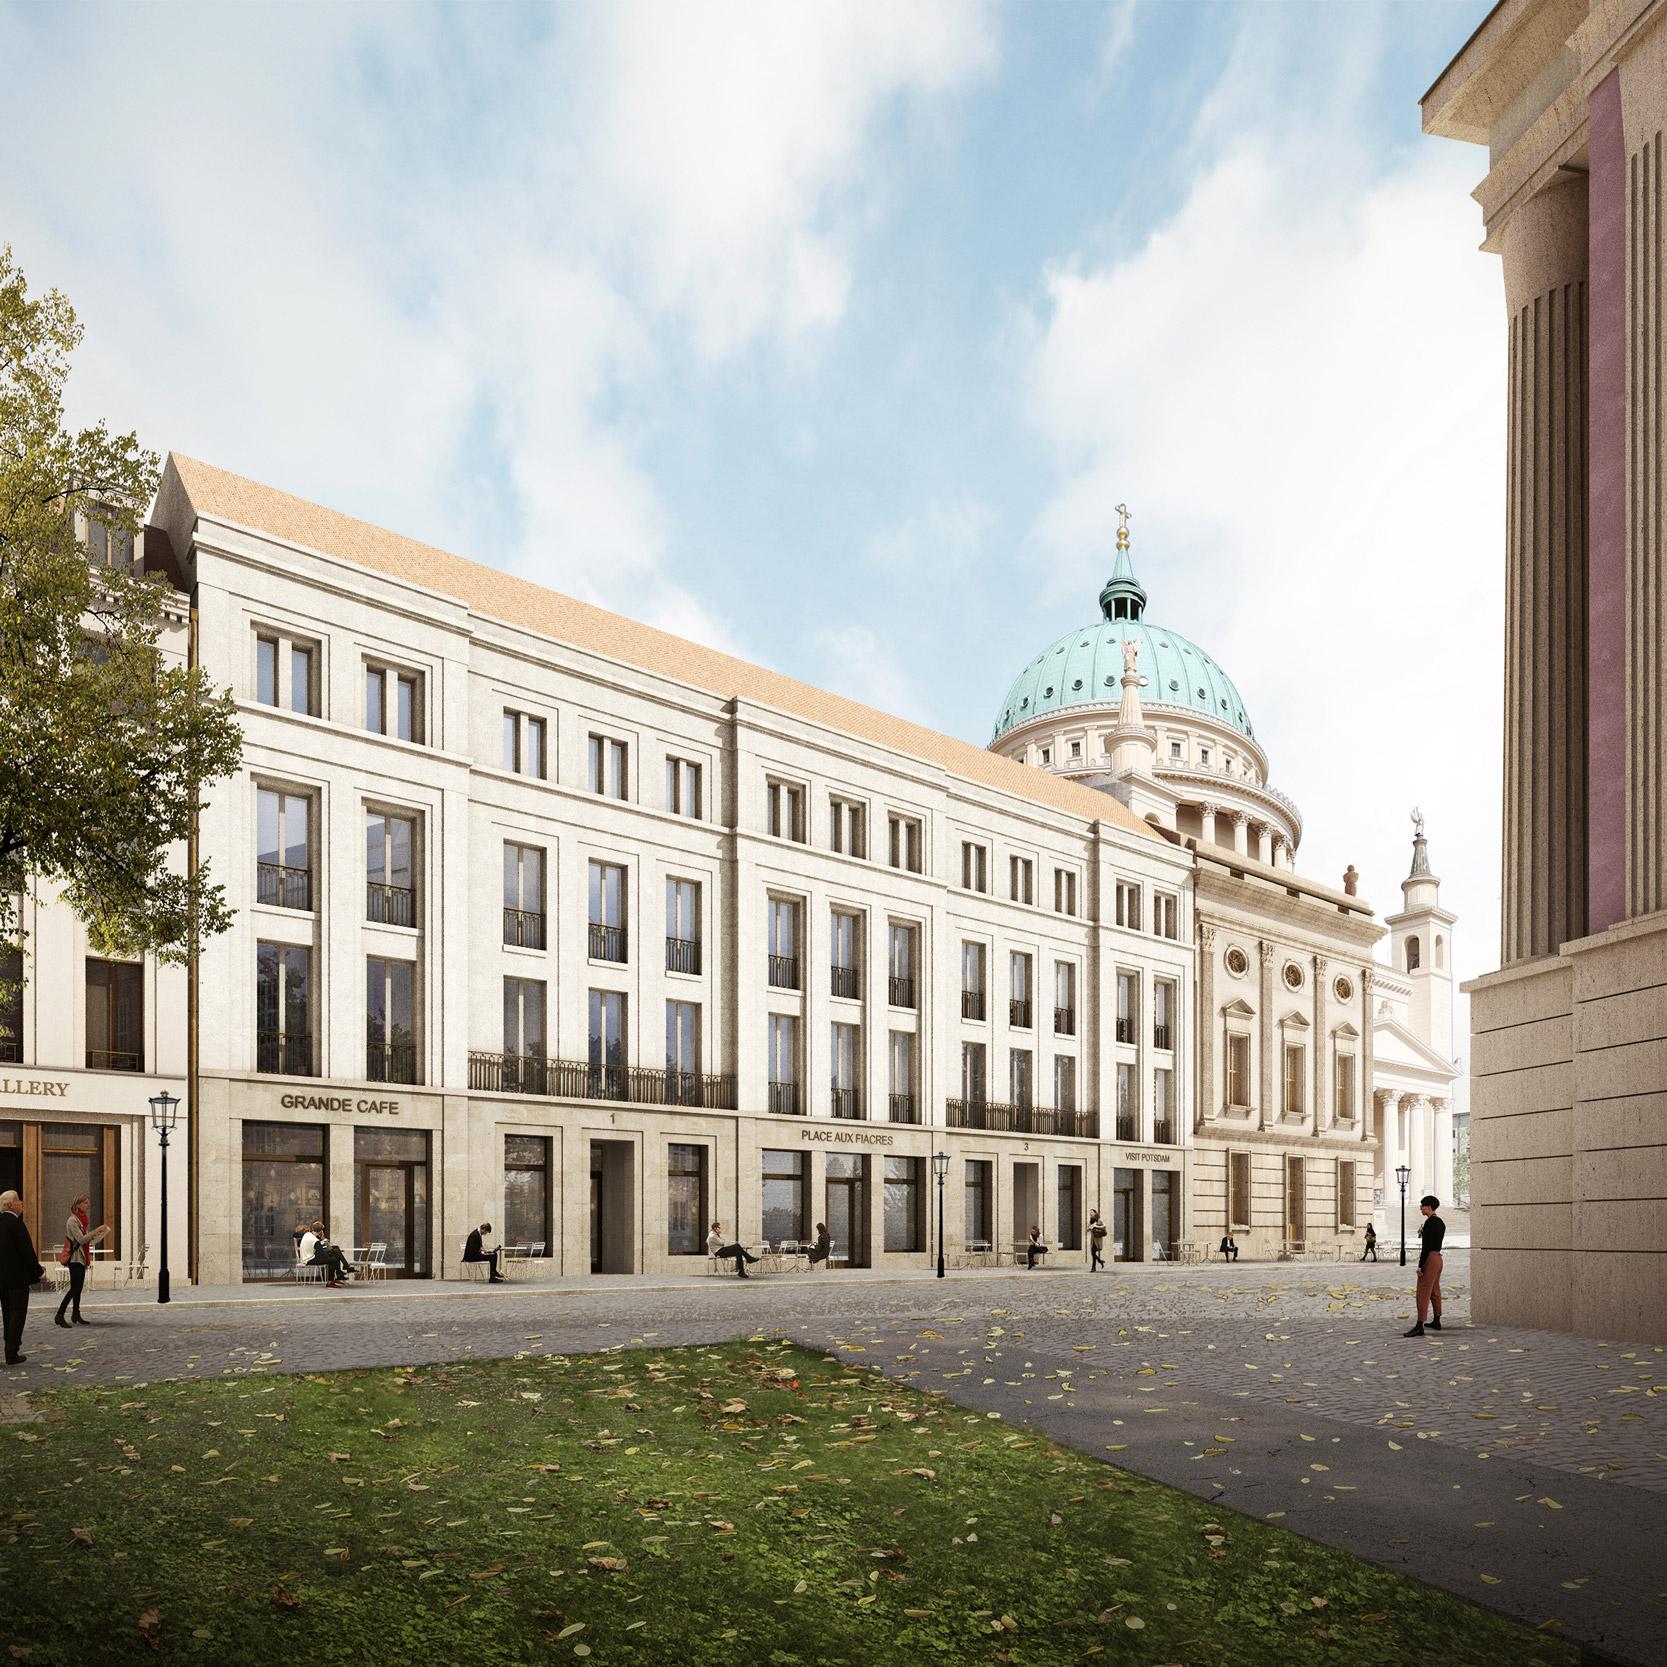 Neues Stadtpalais in der historischen Mitte Potsdam